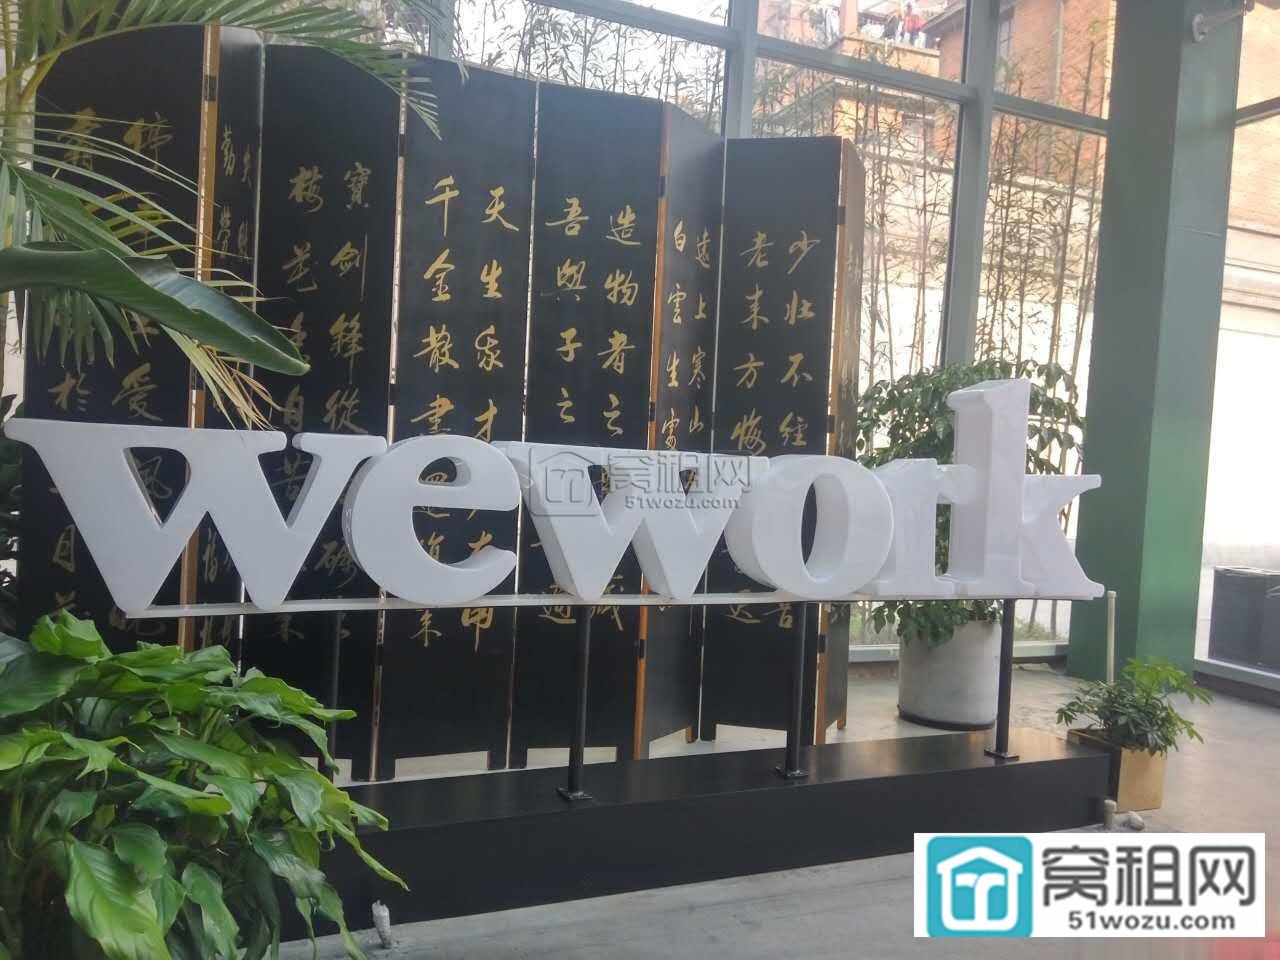 窝租网参观上海WEwork之行